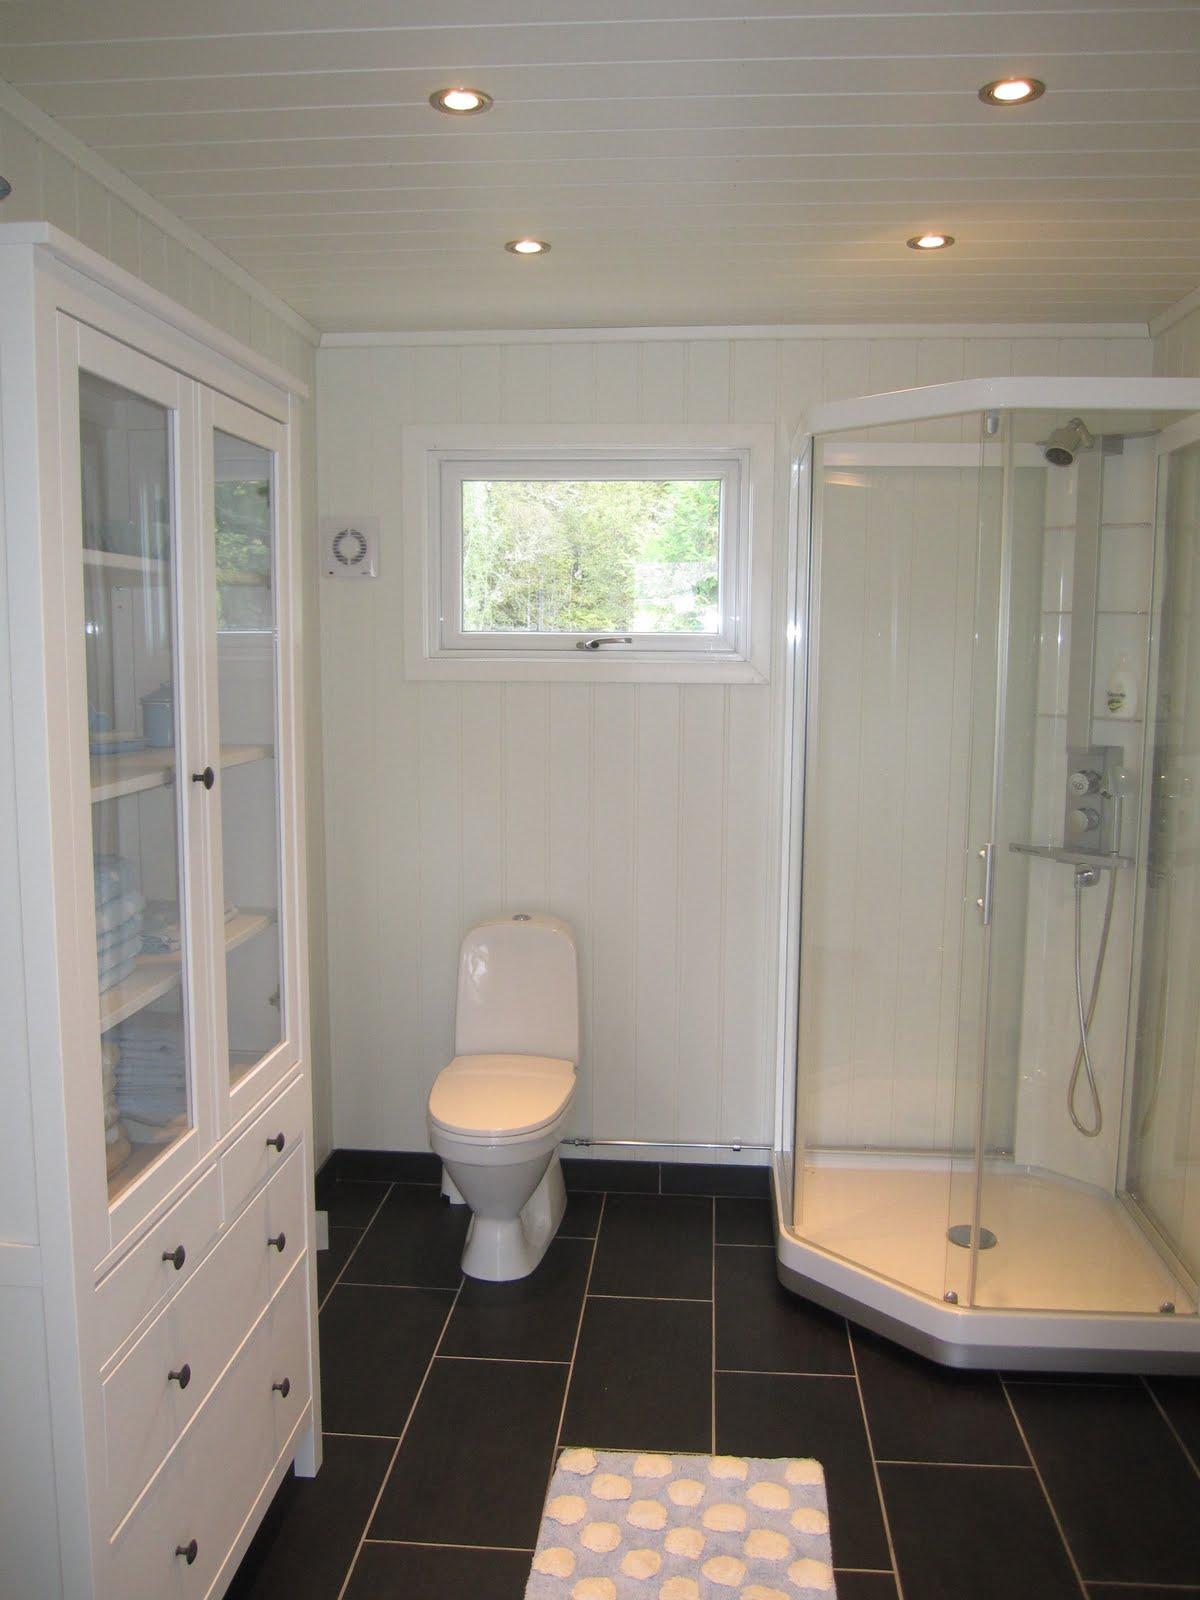 skap bad u p ingrid serien til linn bad prisen gjelder ved kjp av u with skap bad perfect with. Black Bedroom Furniture Sets. Home Design Ideas